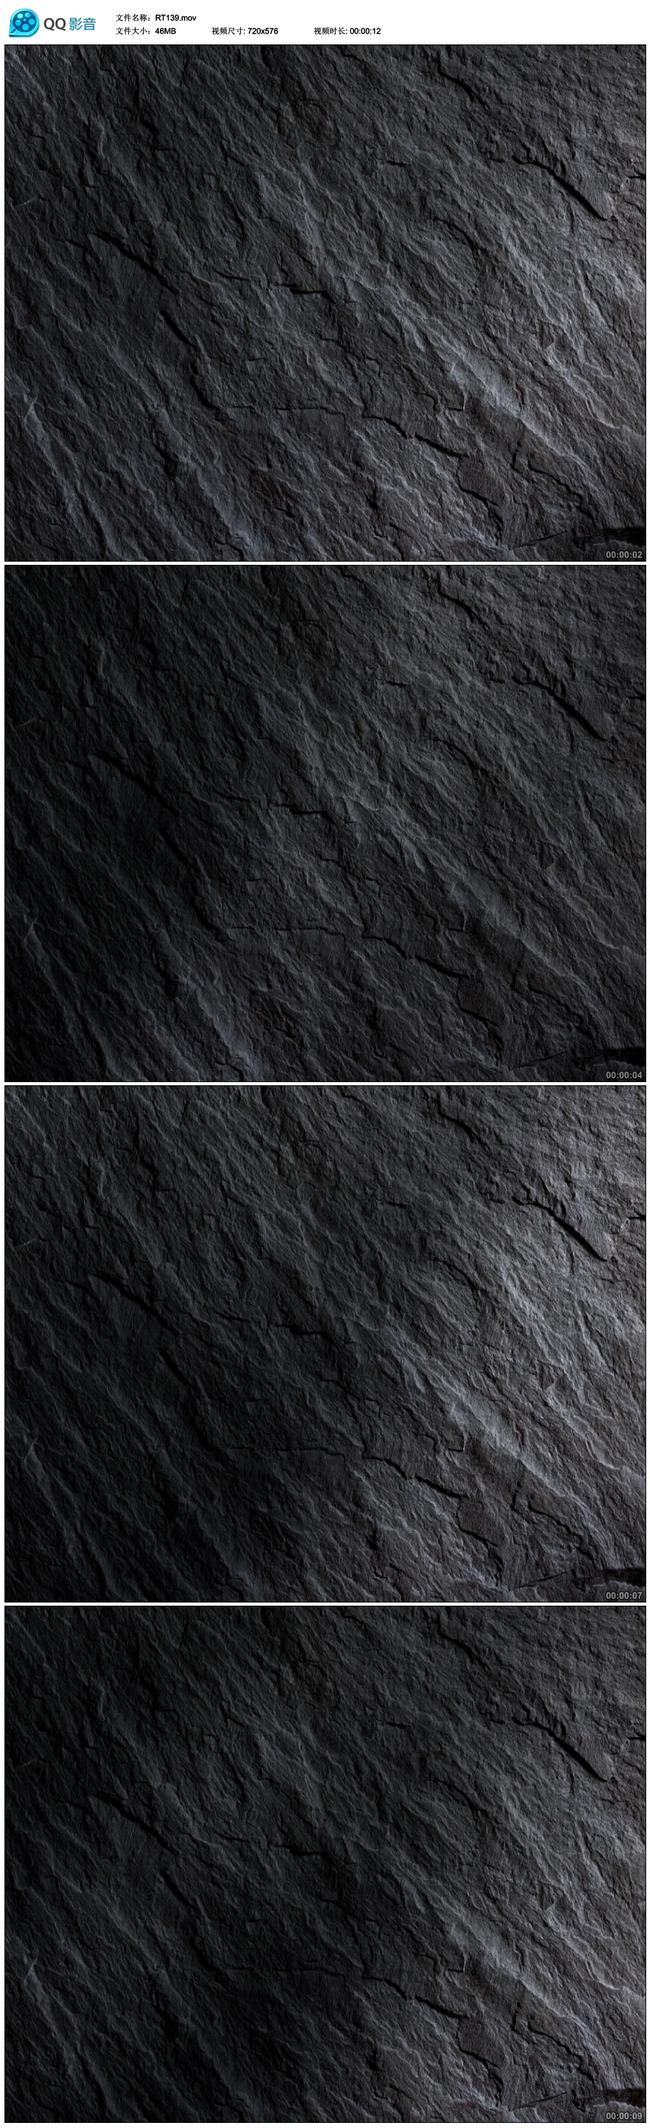 动态黑色大理石瓷砖木纹变幻背景视频